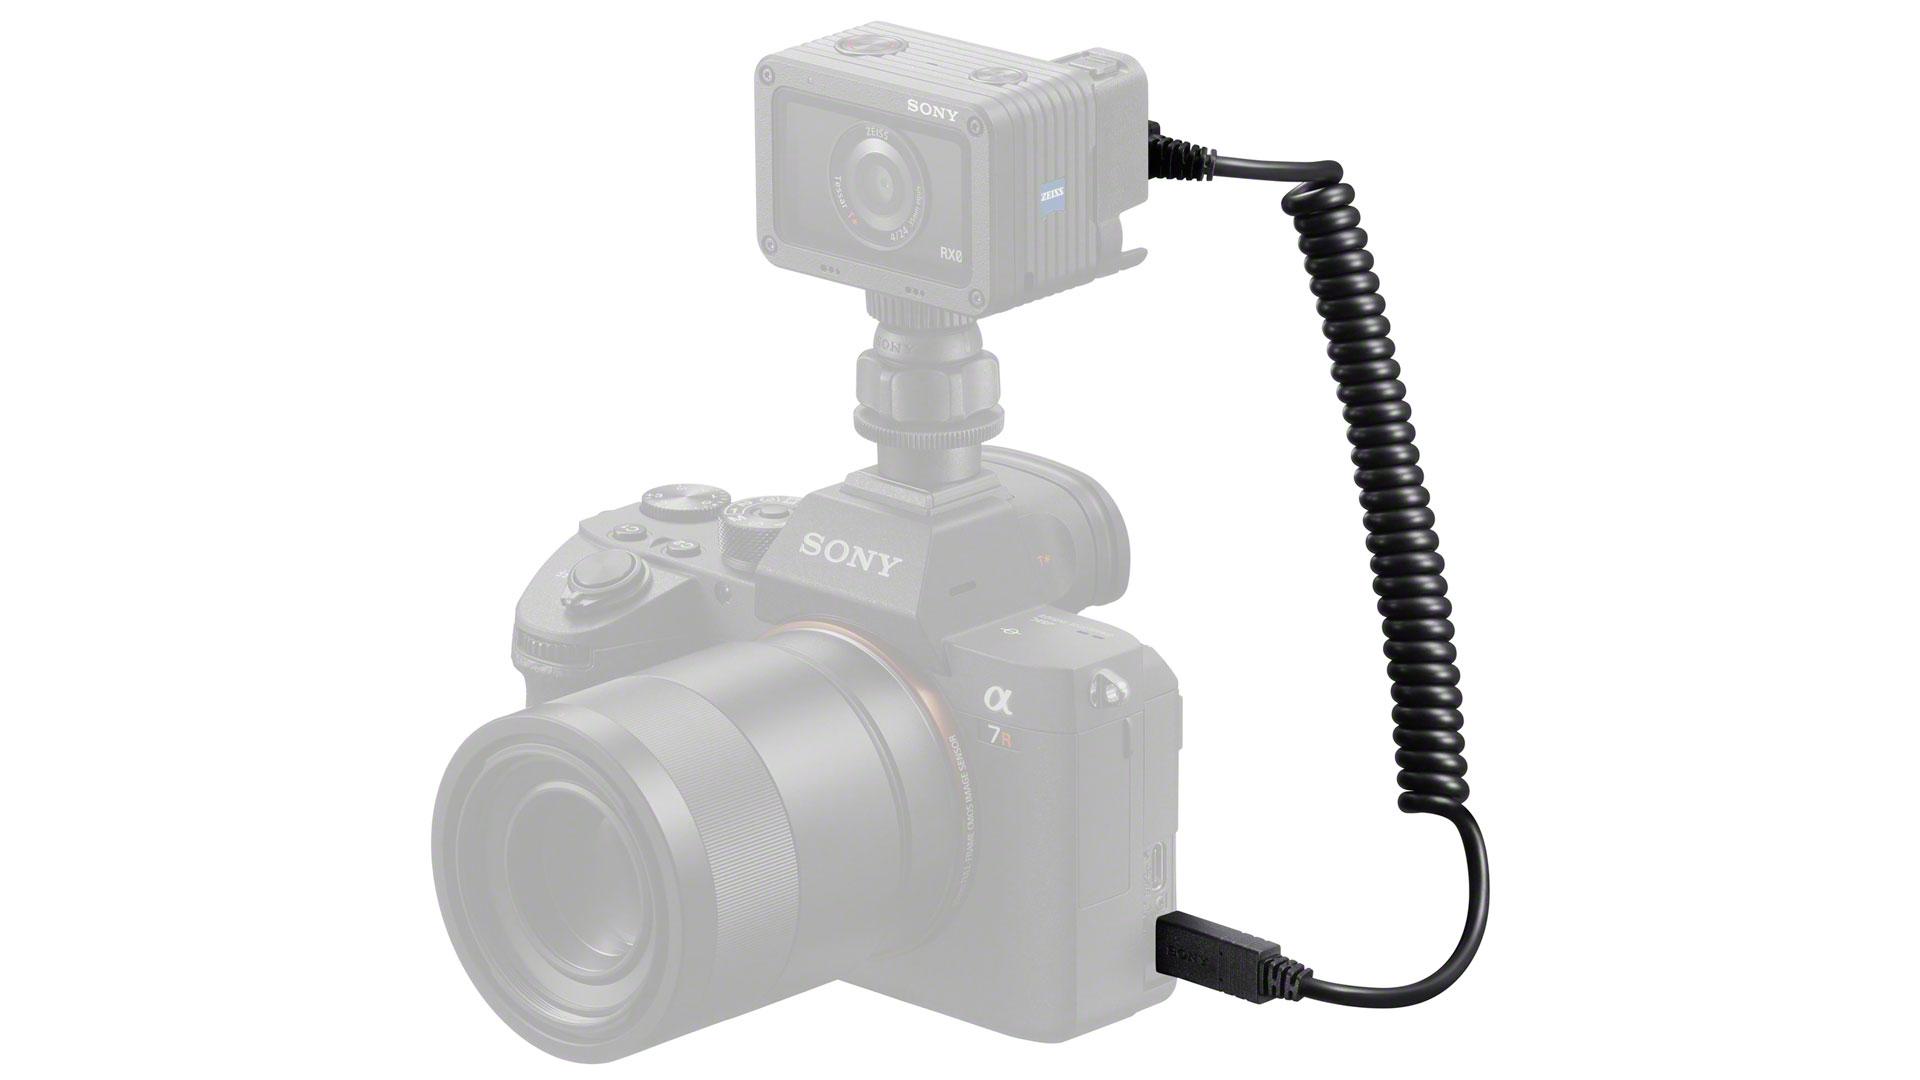 ソニーがカメラ連動用ケーブルを発売 - RX0とαを接続するケーブル